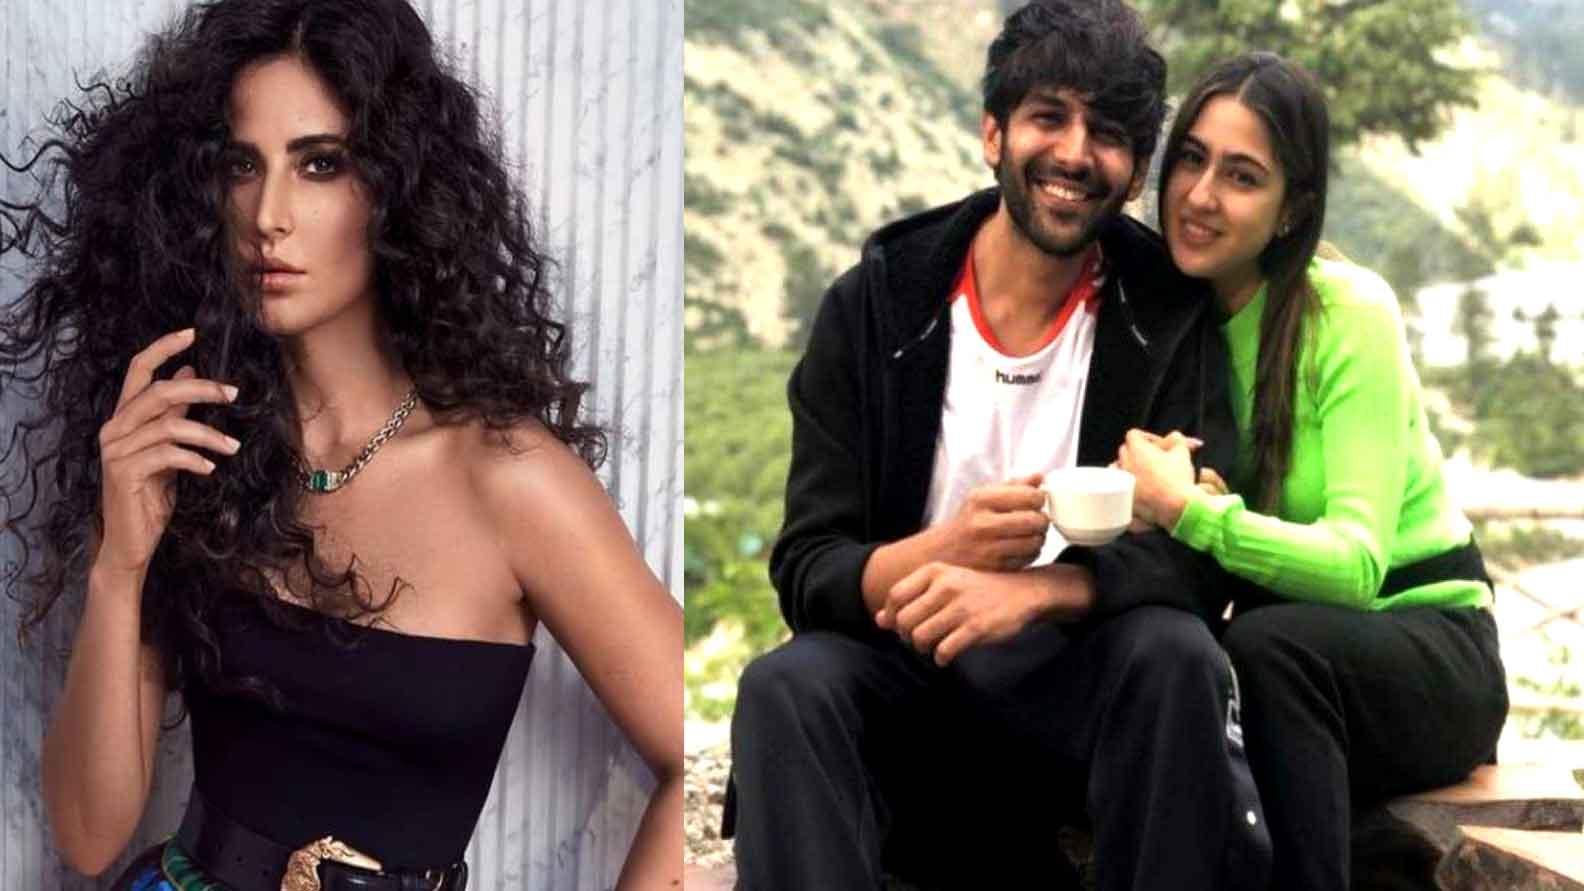 Kartik Aaryan ditches Katrina Kaif for Sara Ali Khan?